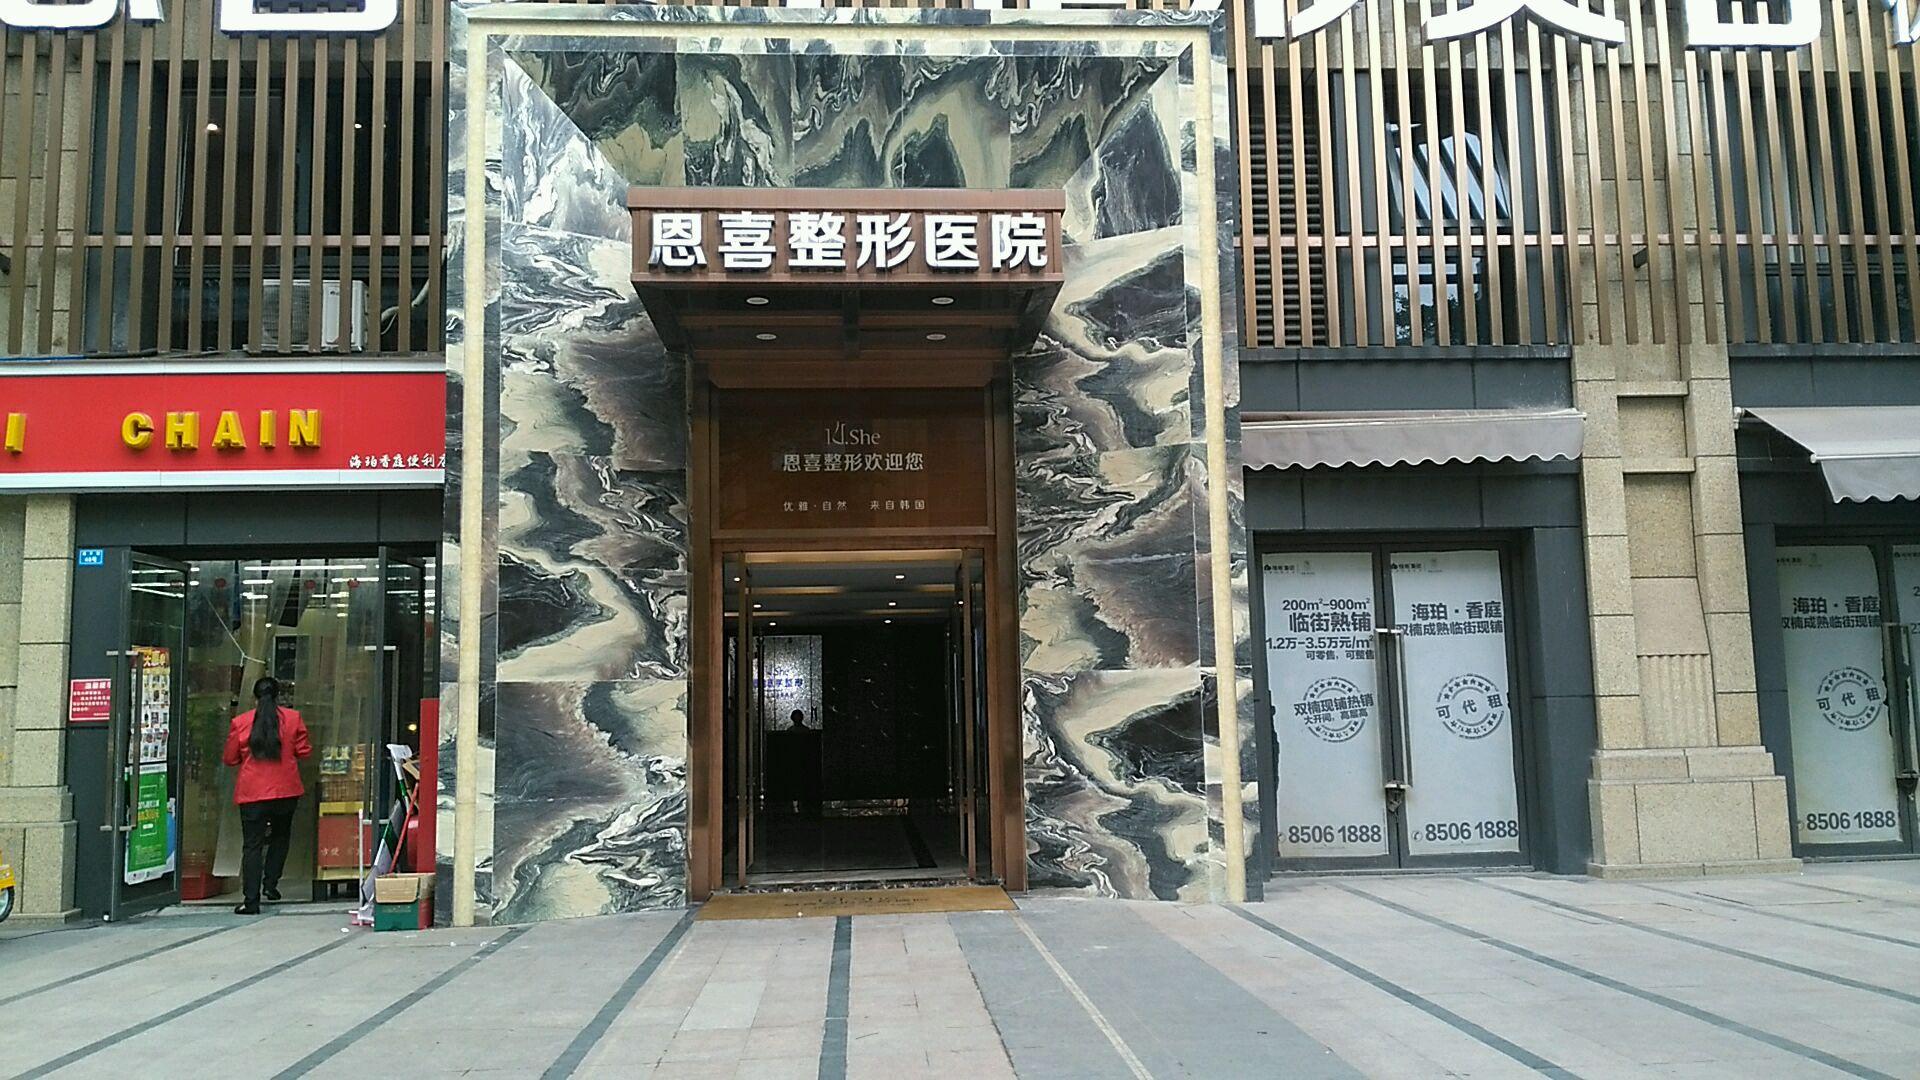 郑州市可莱喜整形美容医院有限公司